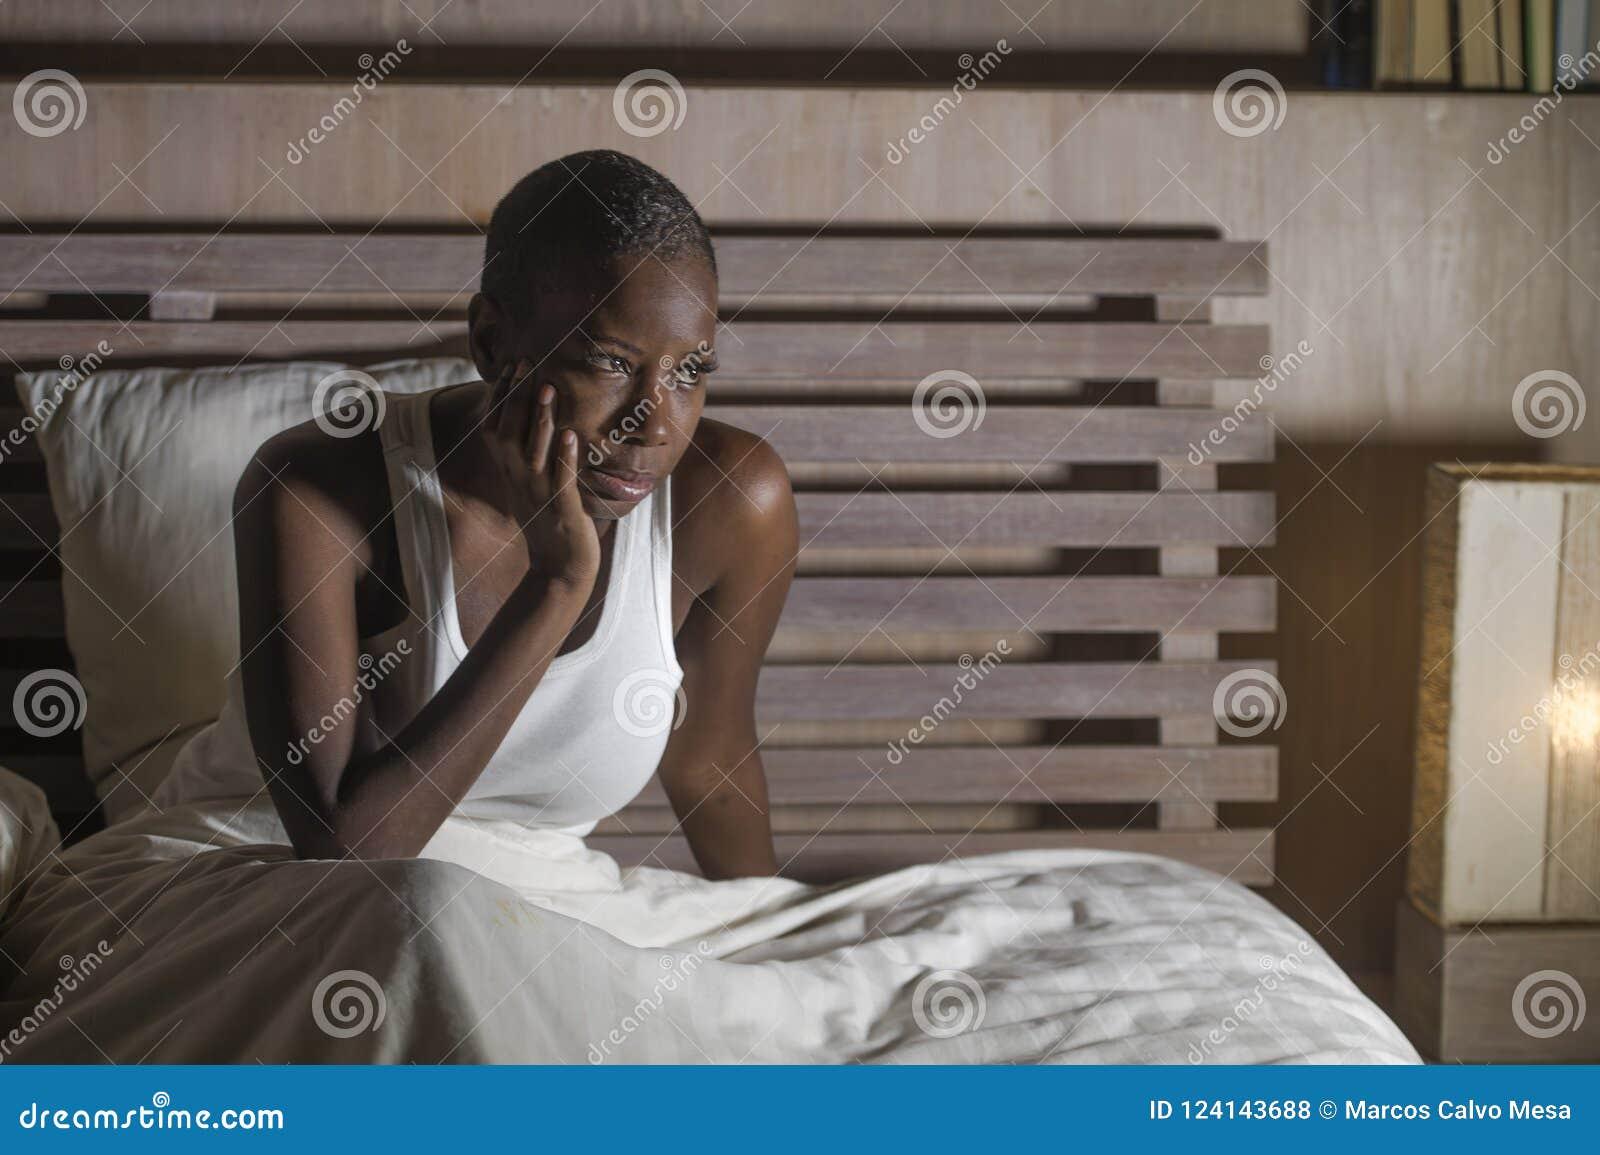 Mulher americana do africano negro deprimido triste novo na insônia de sofrimento preocupada desesperada do problema da depressão